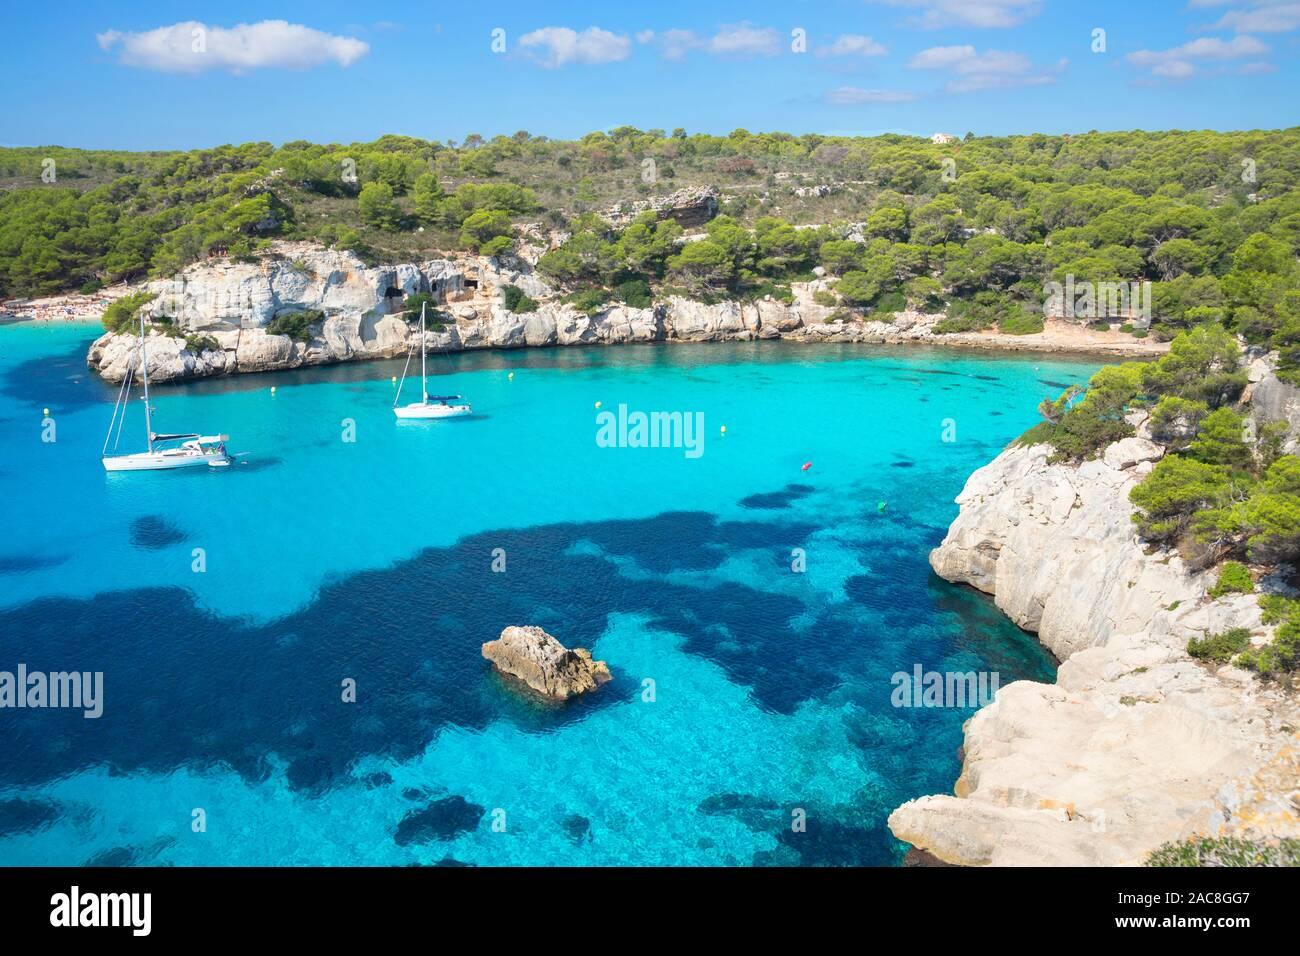 Vista elevada de Cala Macarelleta, Menorca, Islas Baleares, España, Europa Foto de stock